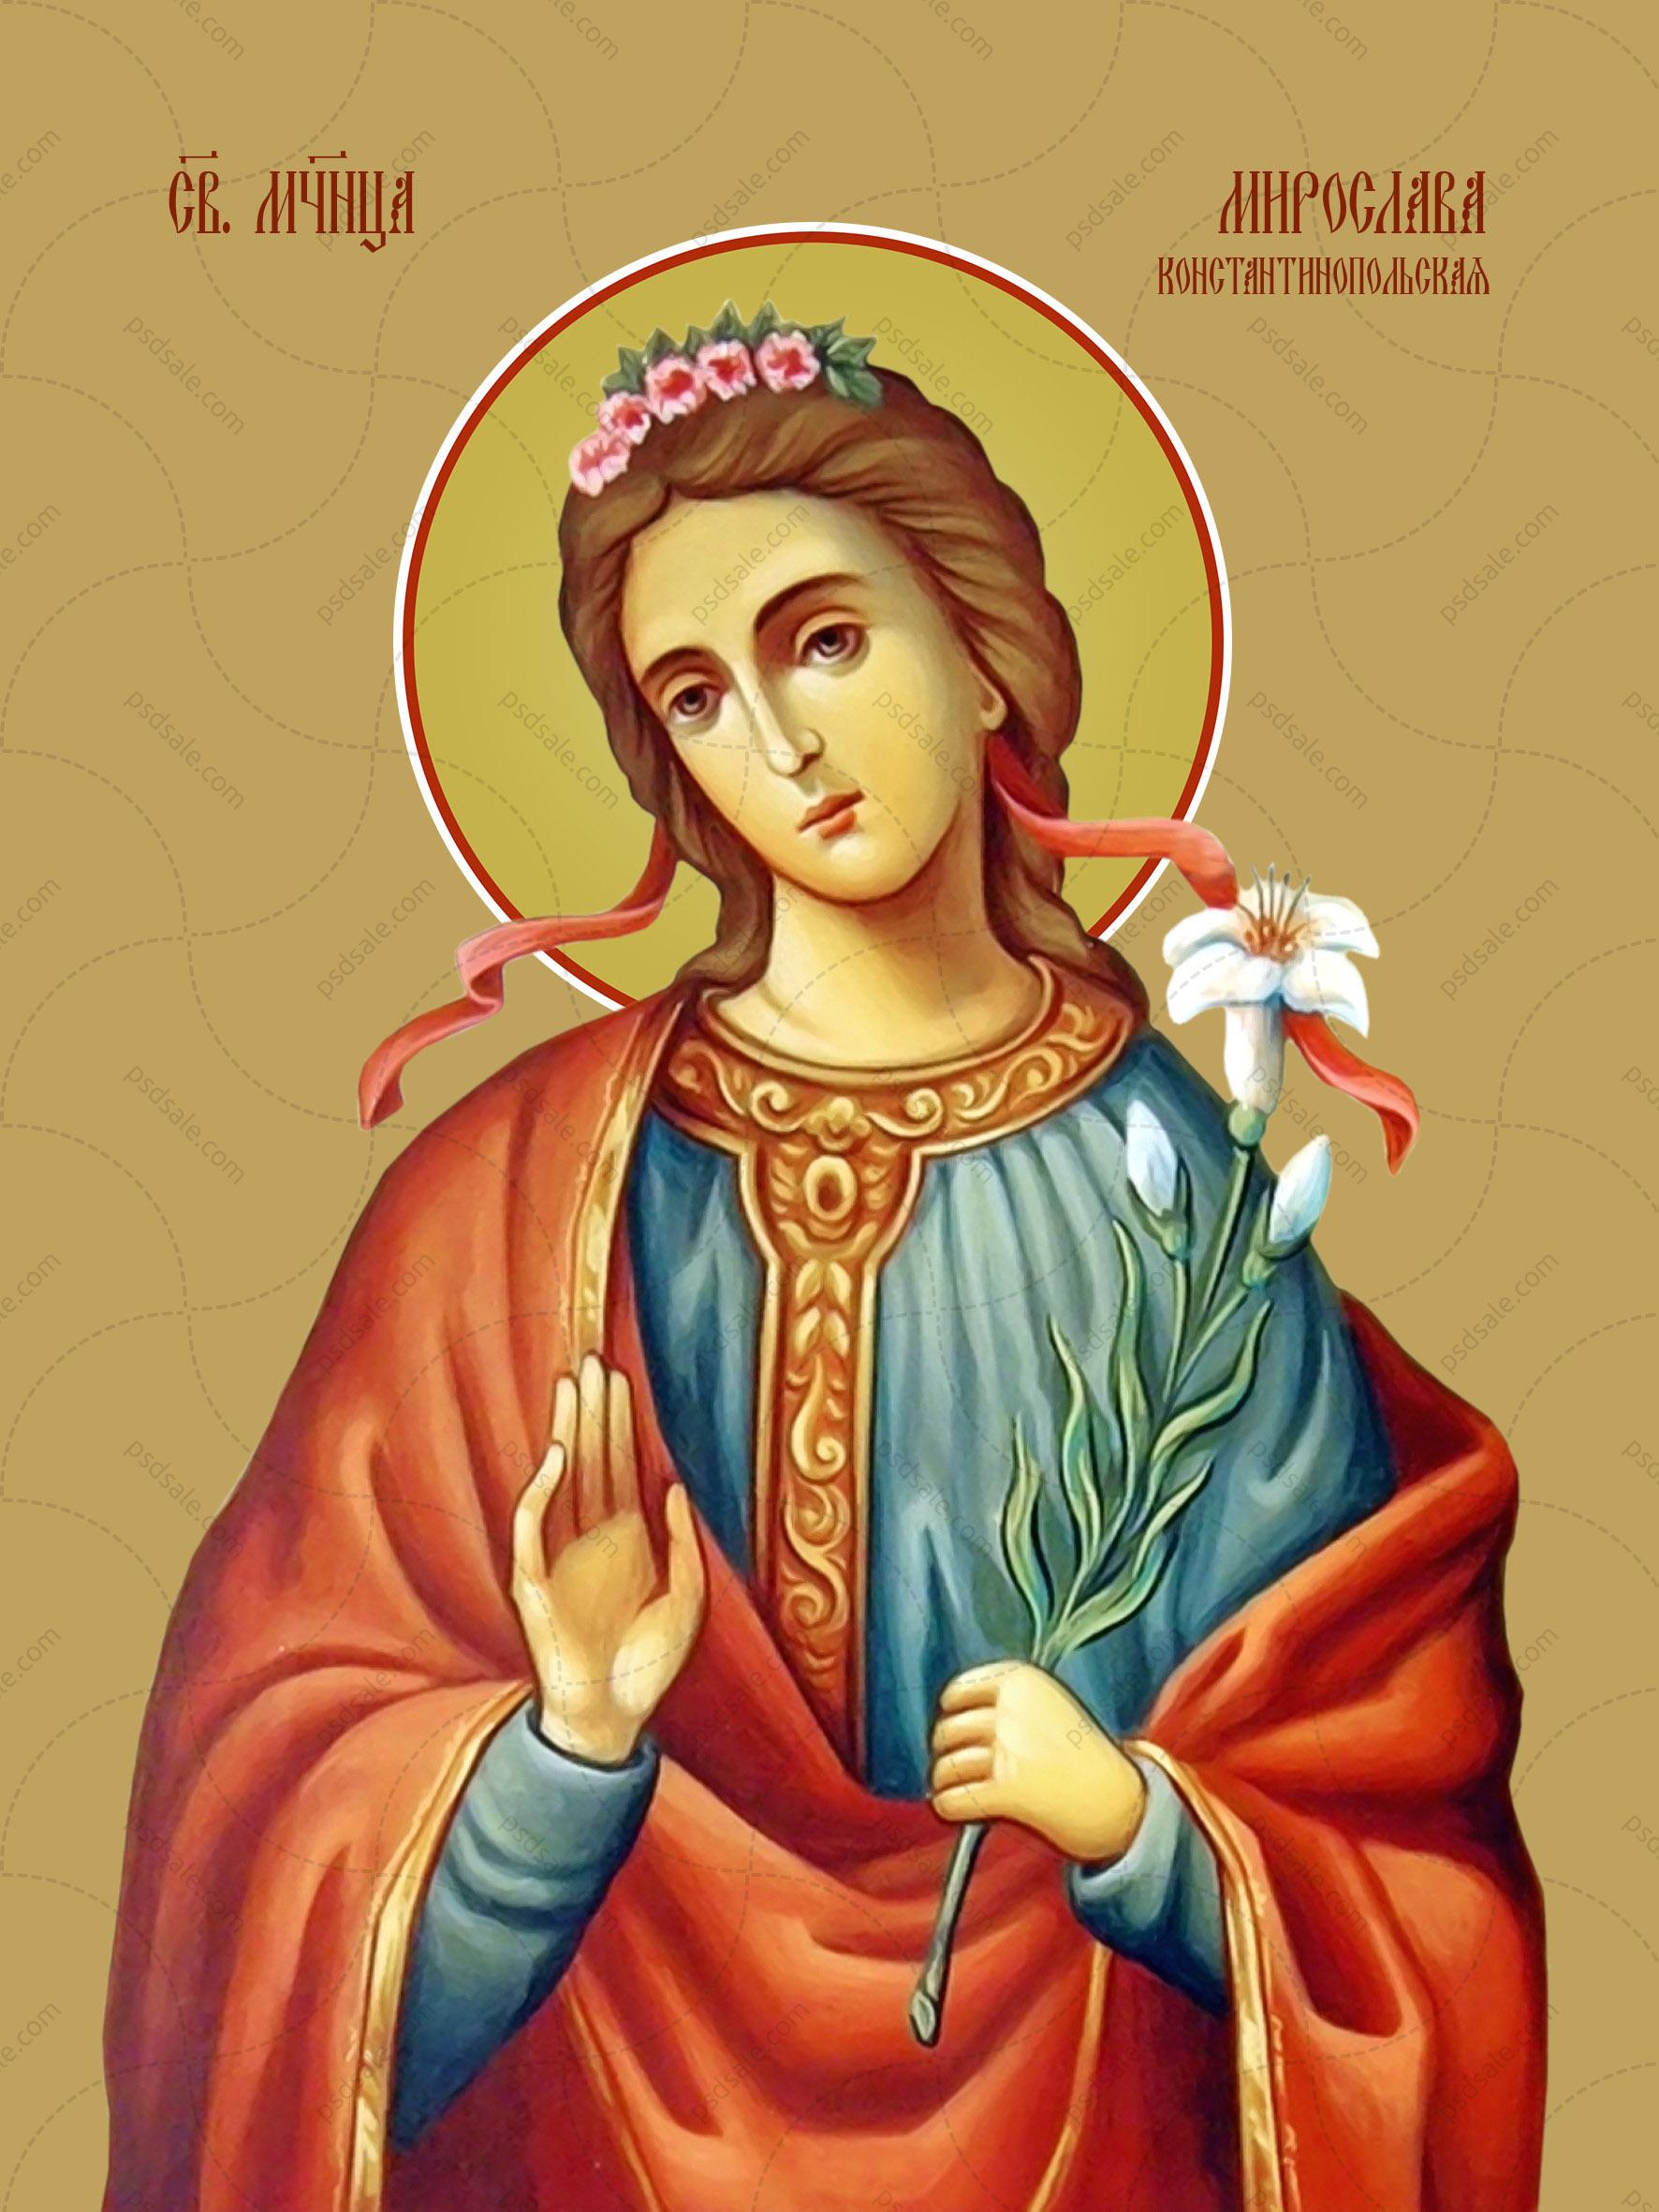 Мирослава Константинопольская, святая